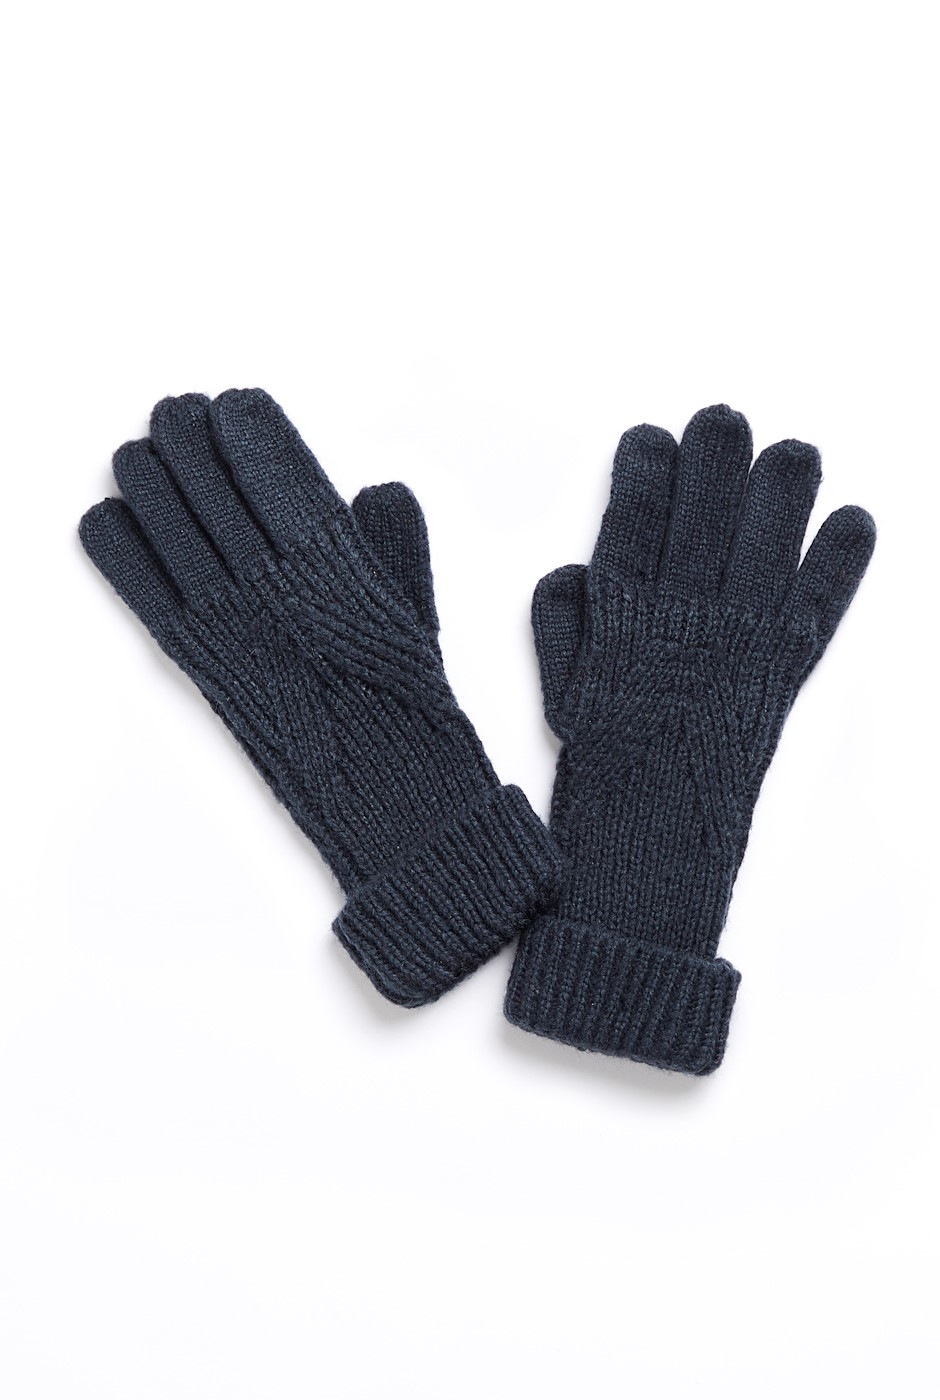 Begonia Eco Gloves Navy